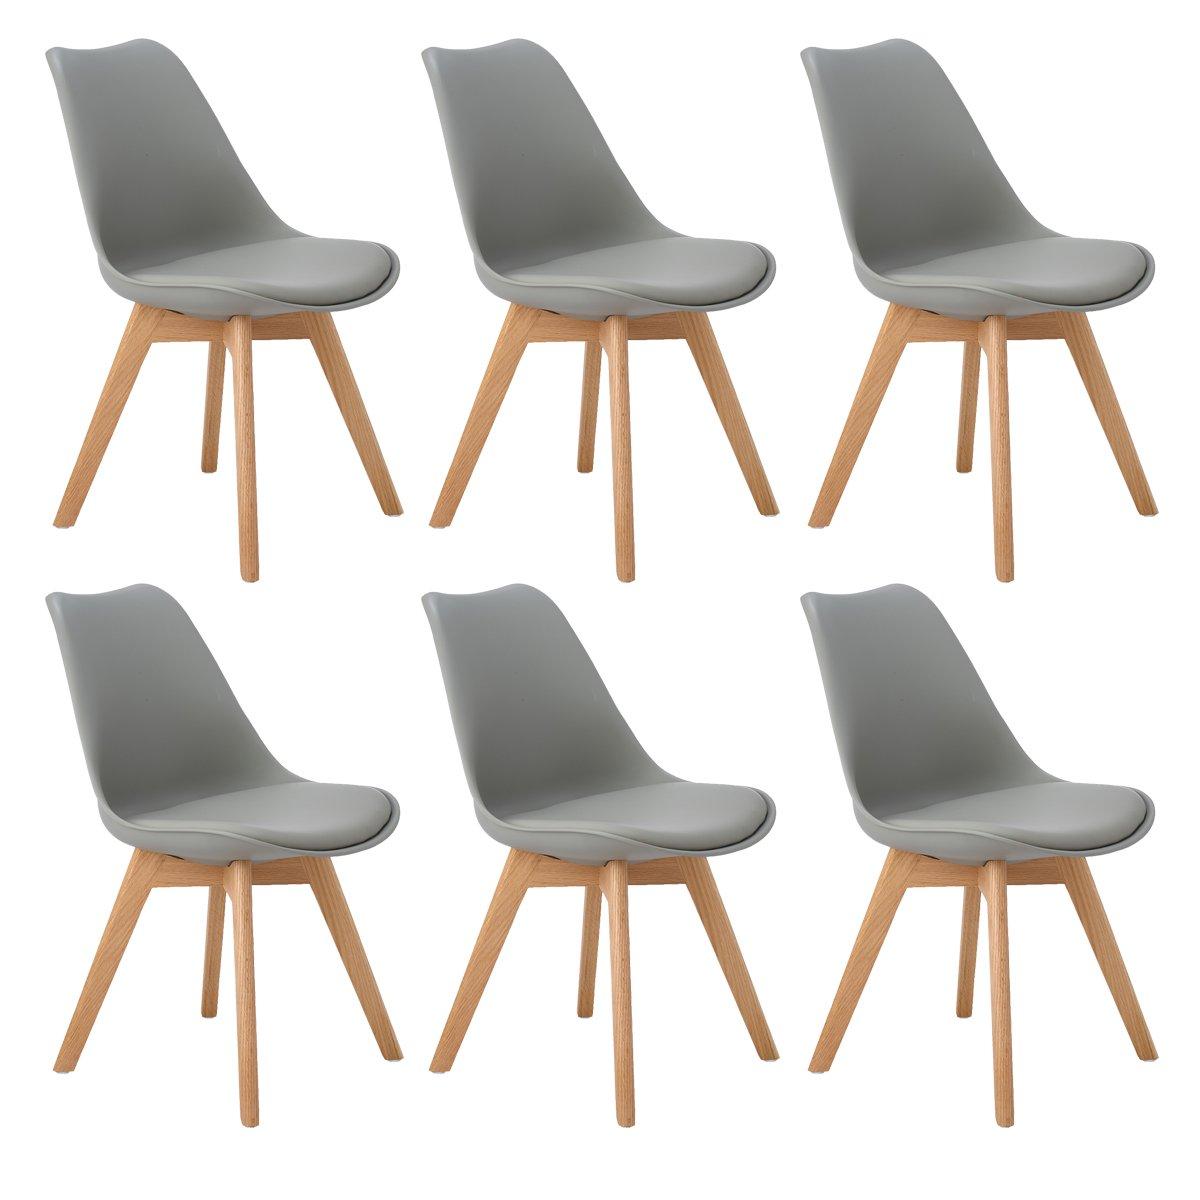 Come Pulire Sedie In Plastica.6 X Sedie Da Ufficio Moderne In Plastica Per Sala Da Pranzo E